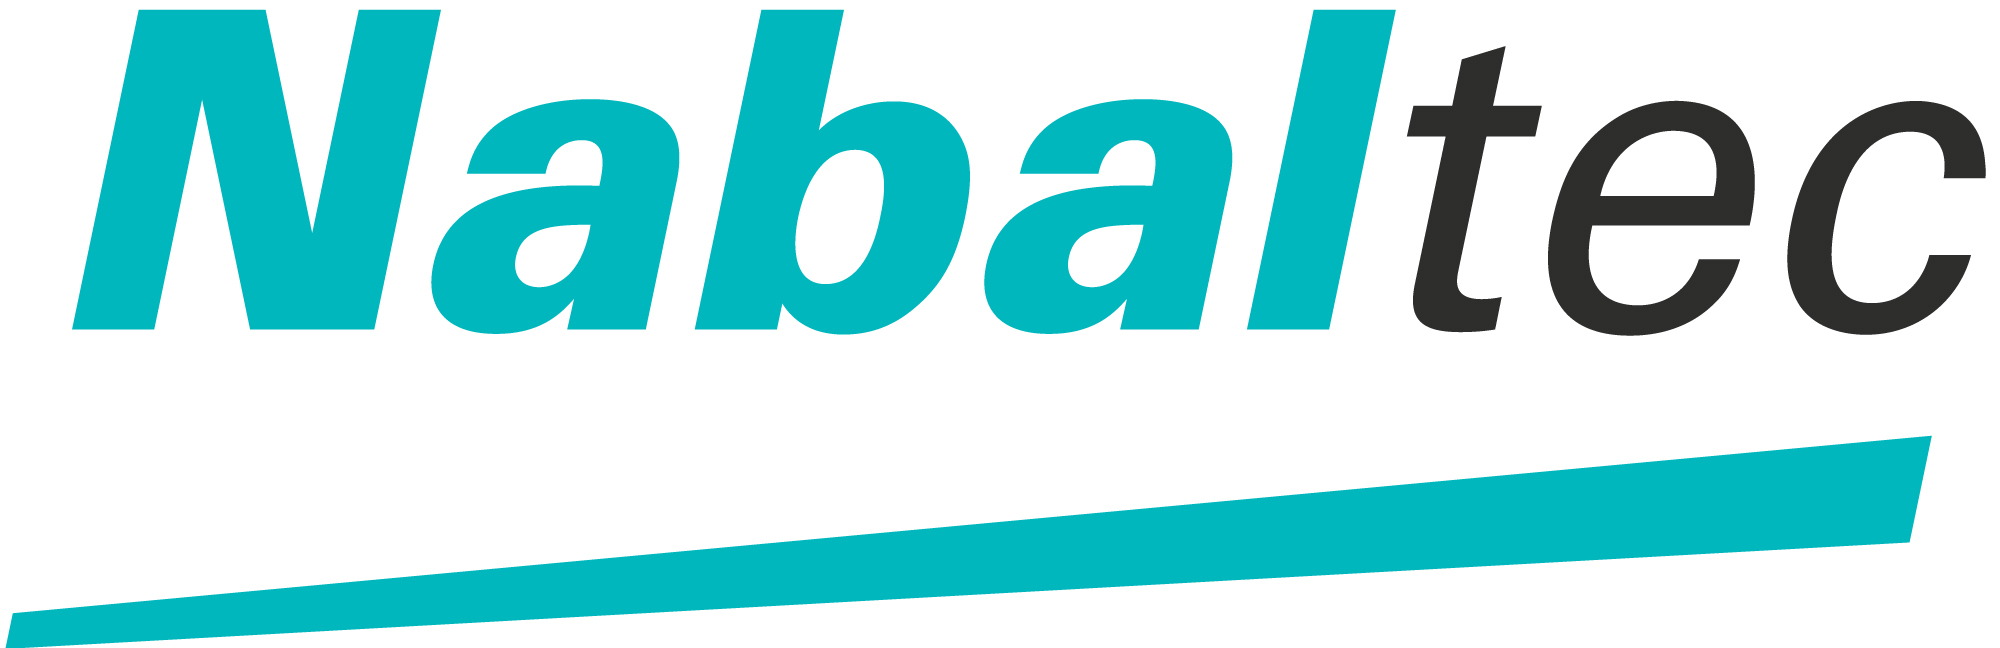 Nabaltec AG